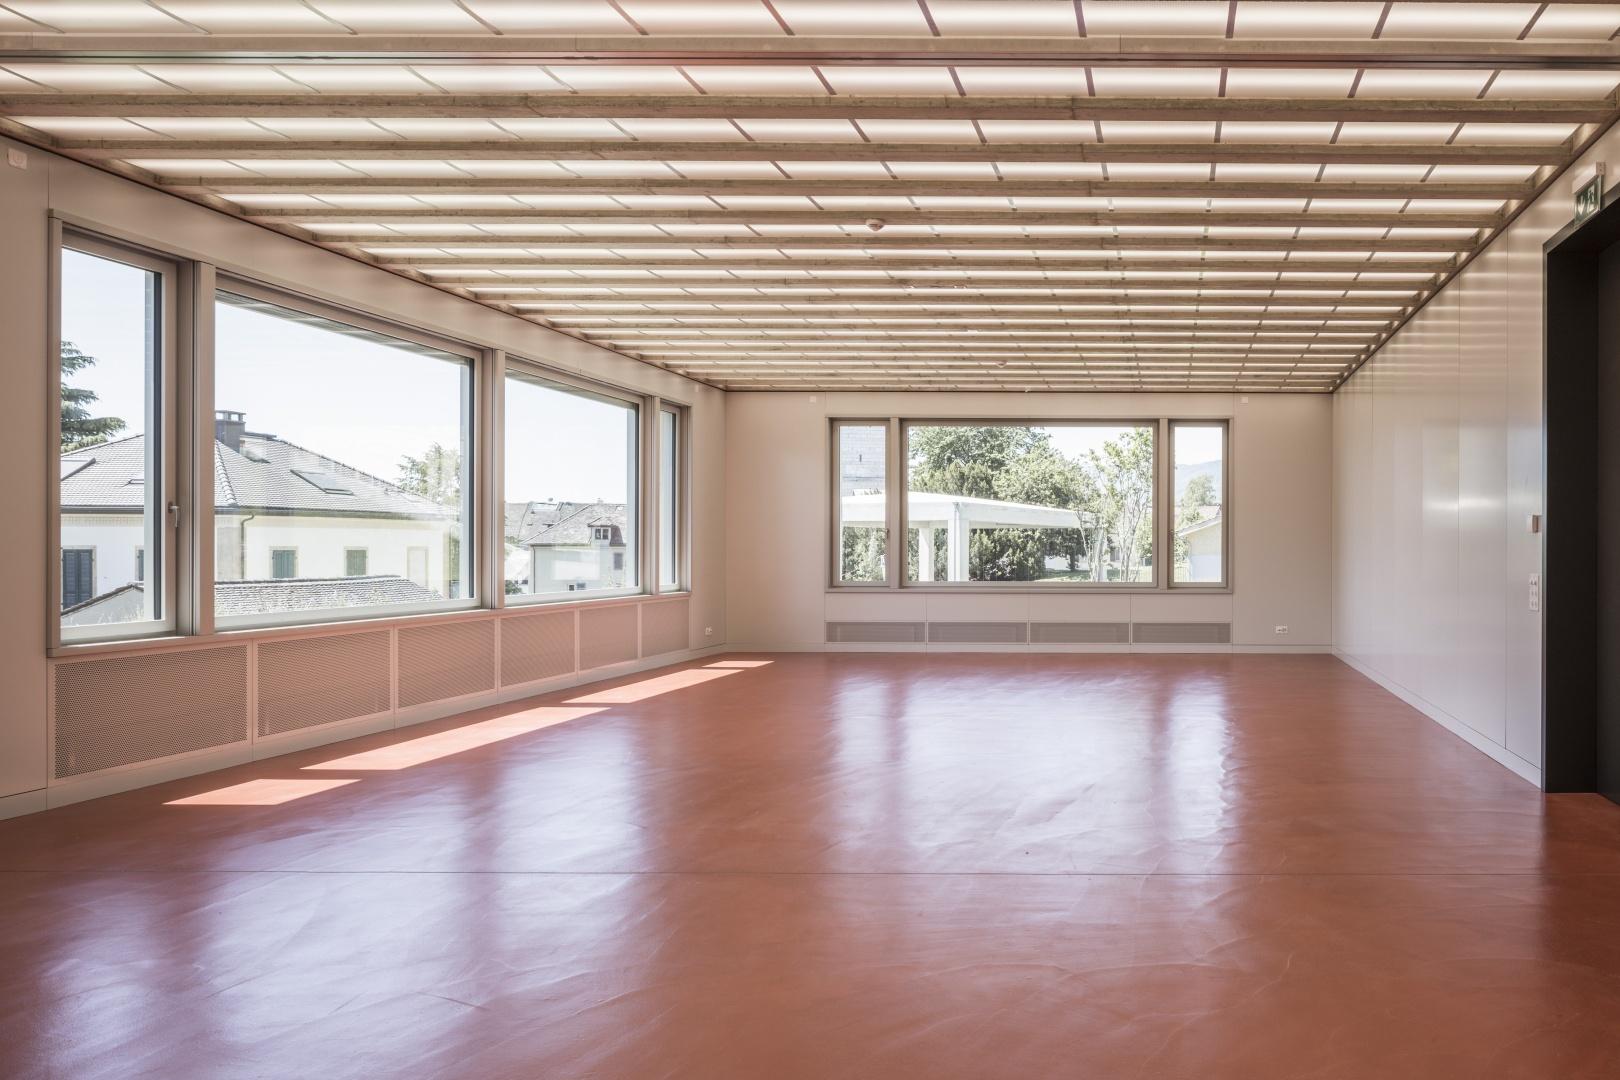 Aula © Dominique Marc Wehrli, Atelier für Architektur, Else-Züblin-Strasse 112, 8404 Winterthur,